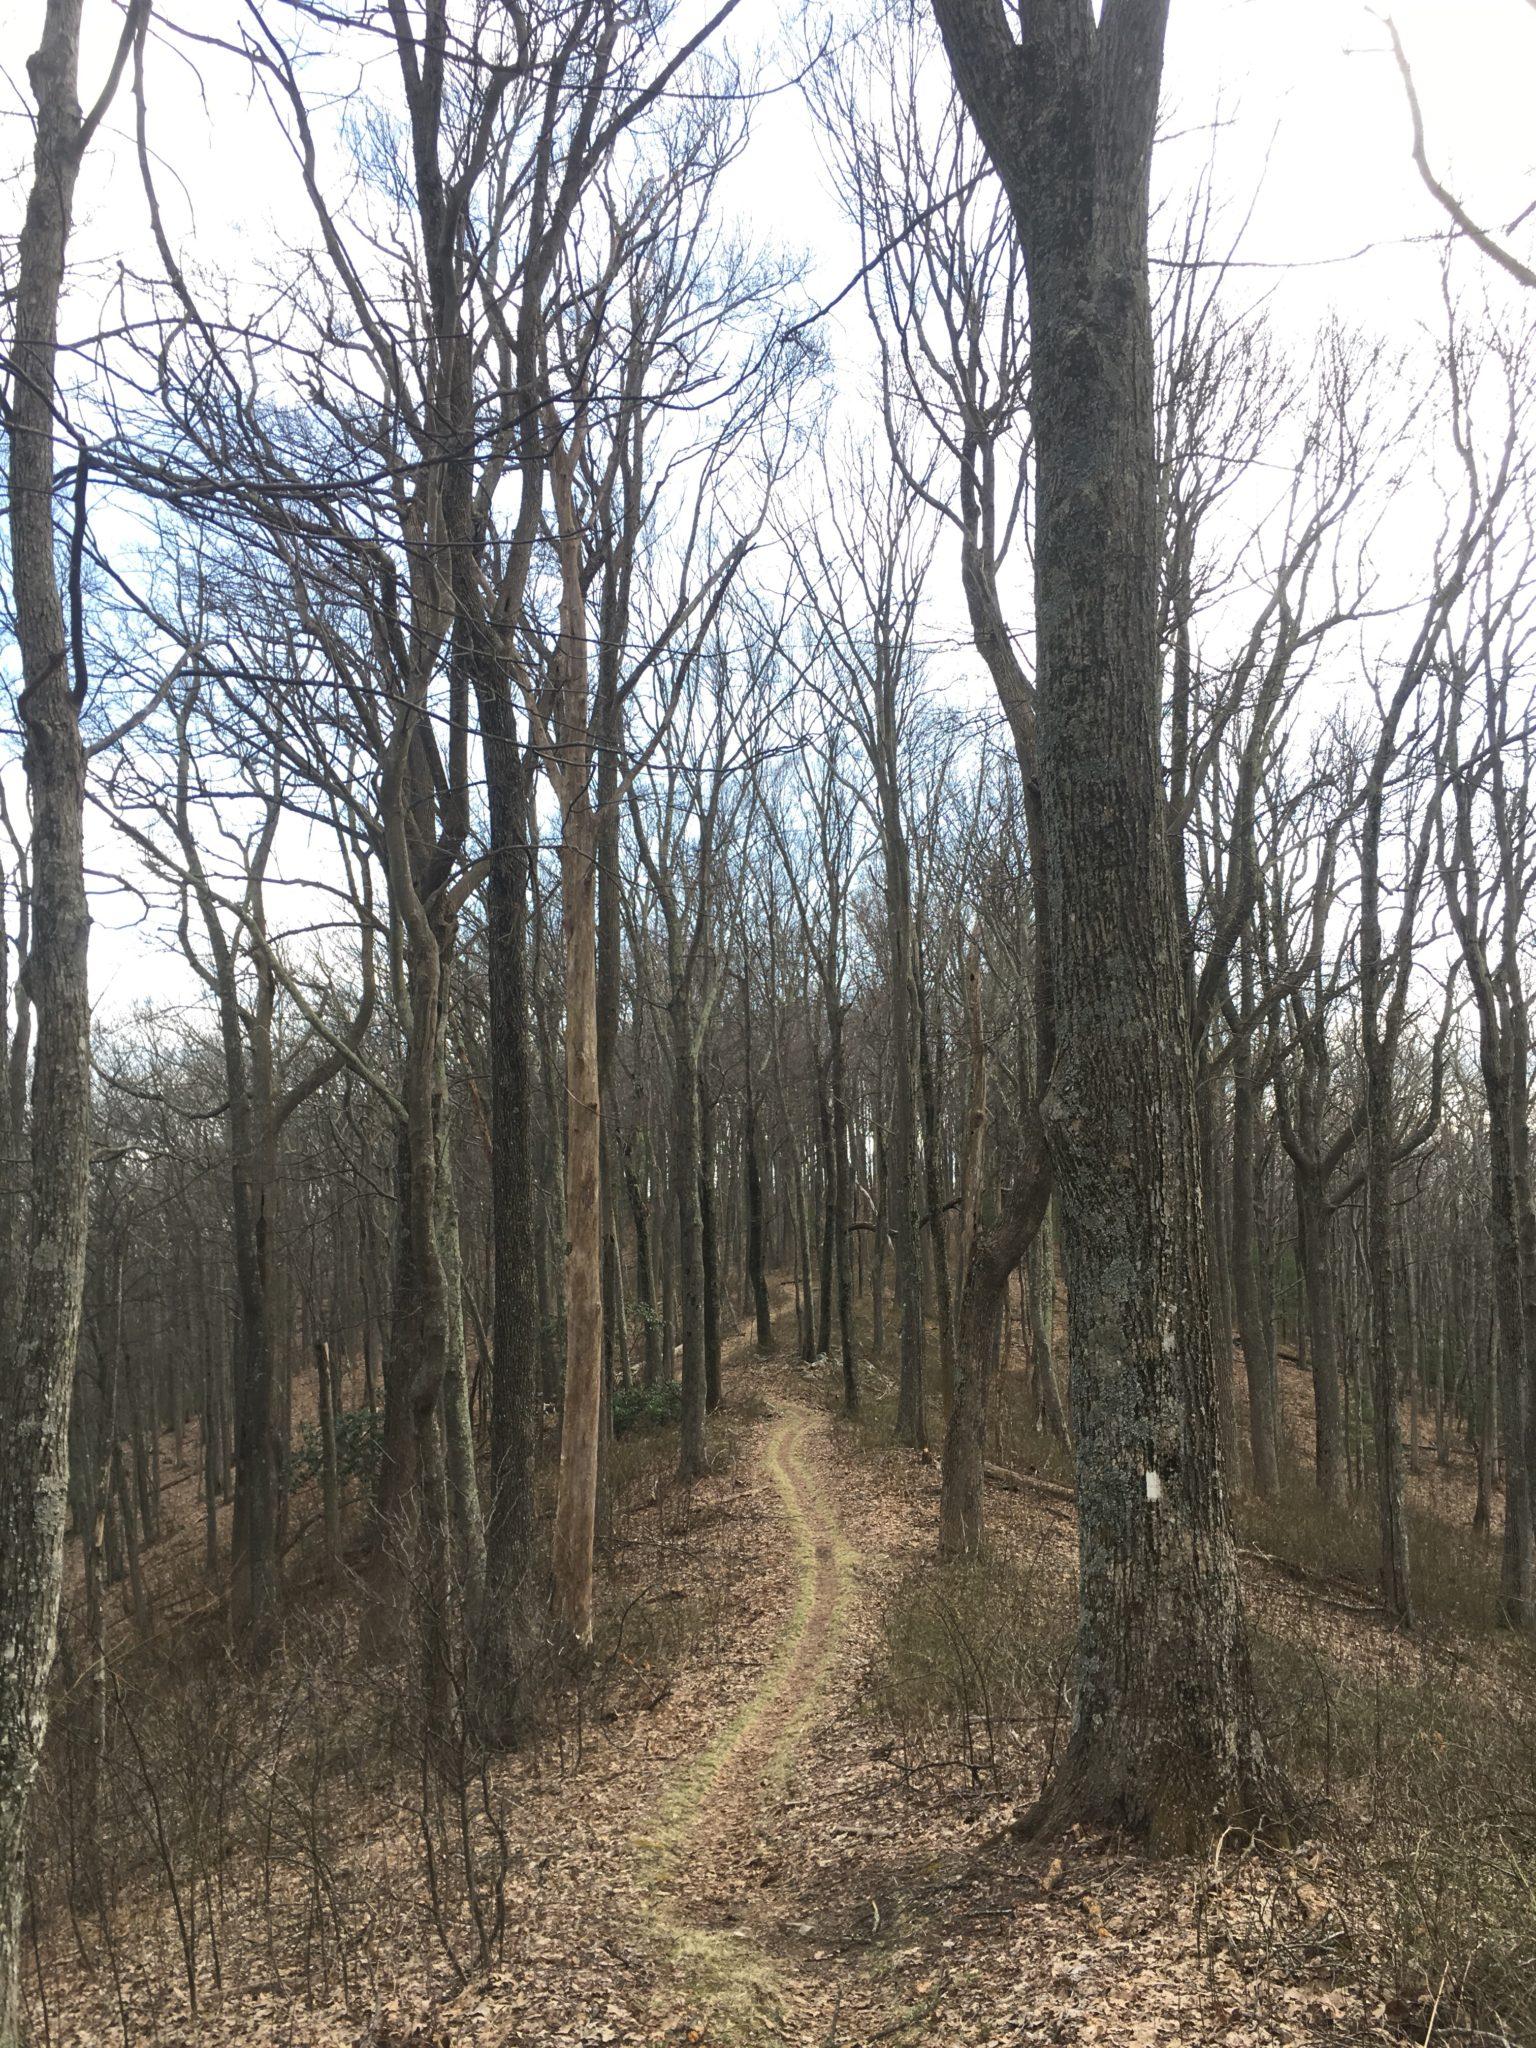 Walking along the ridgeline